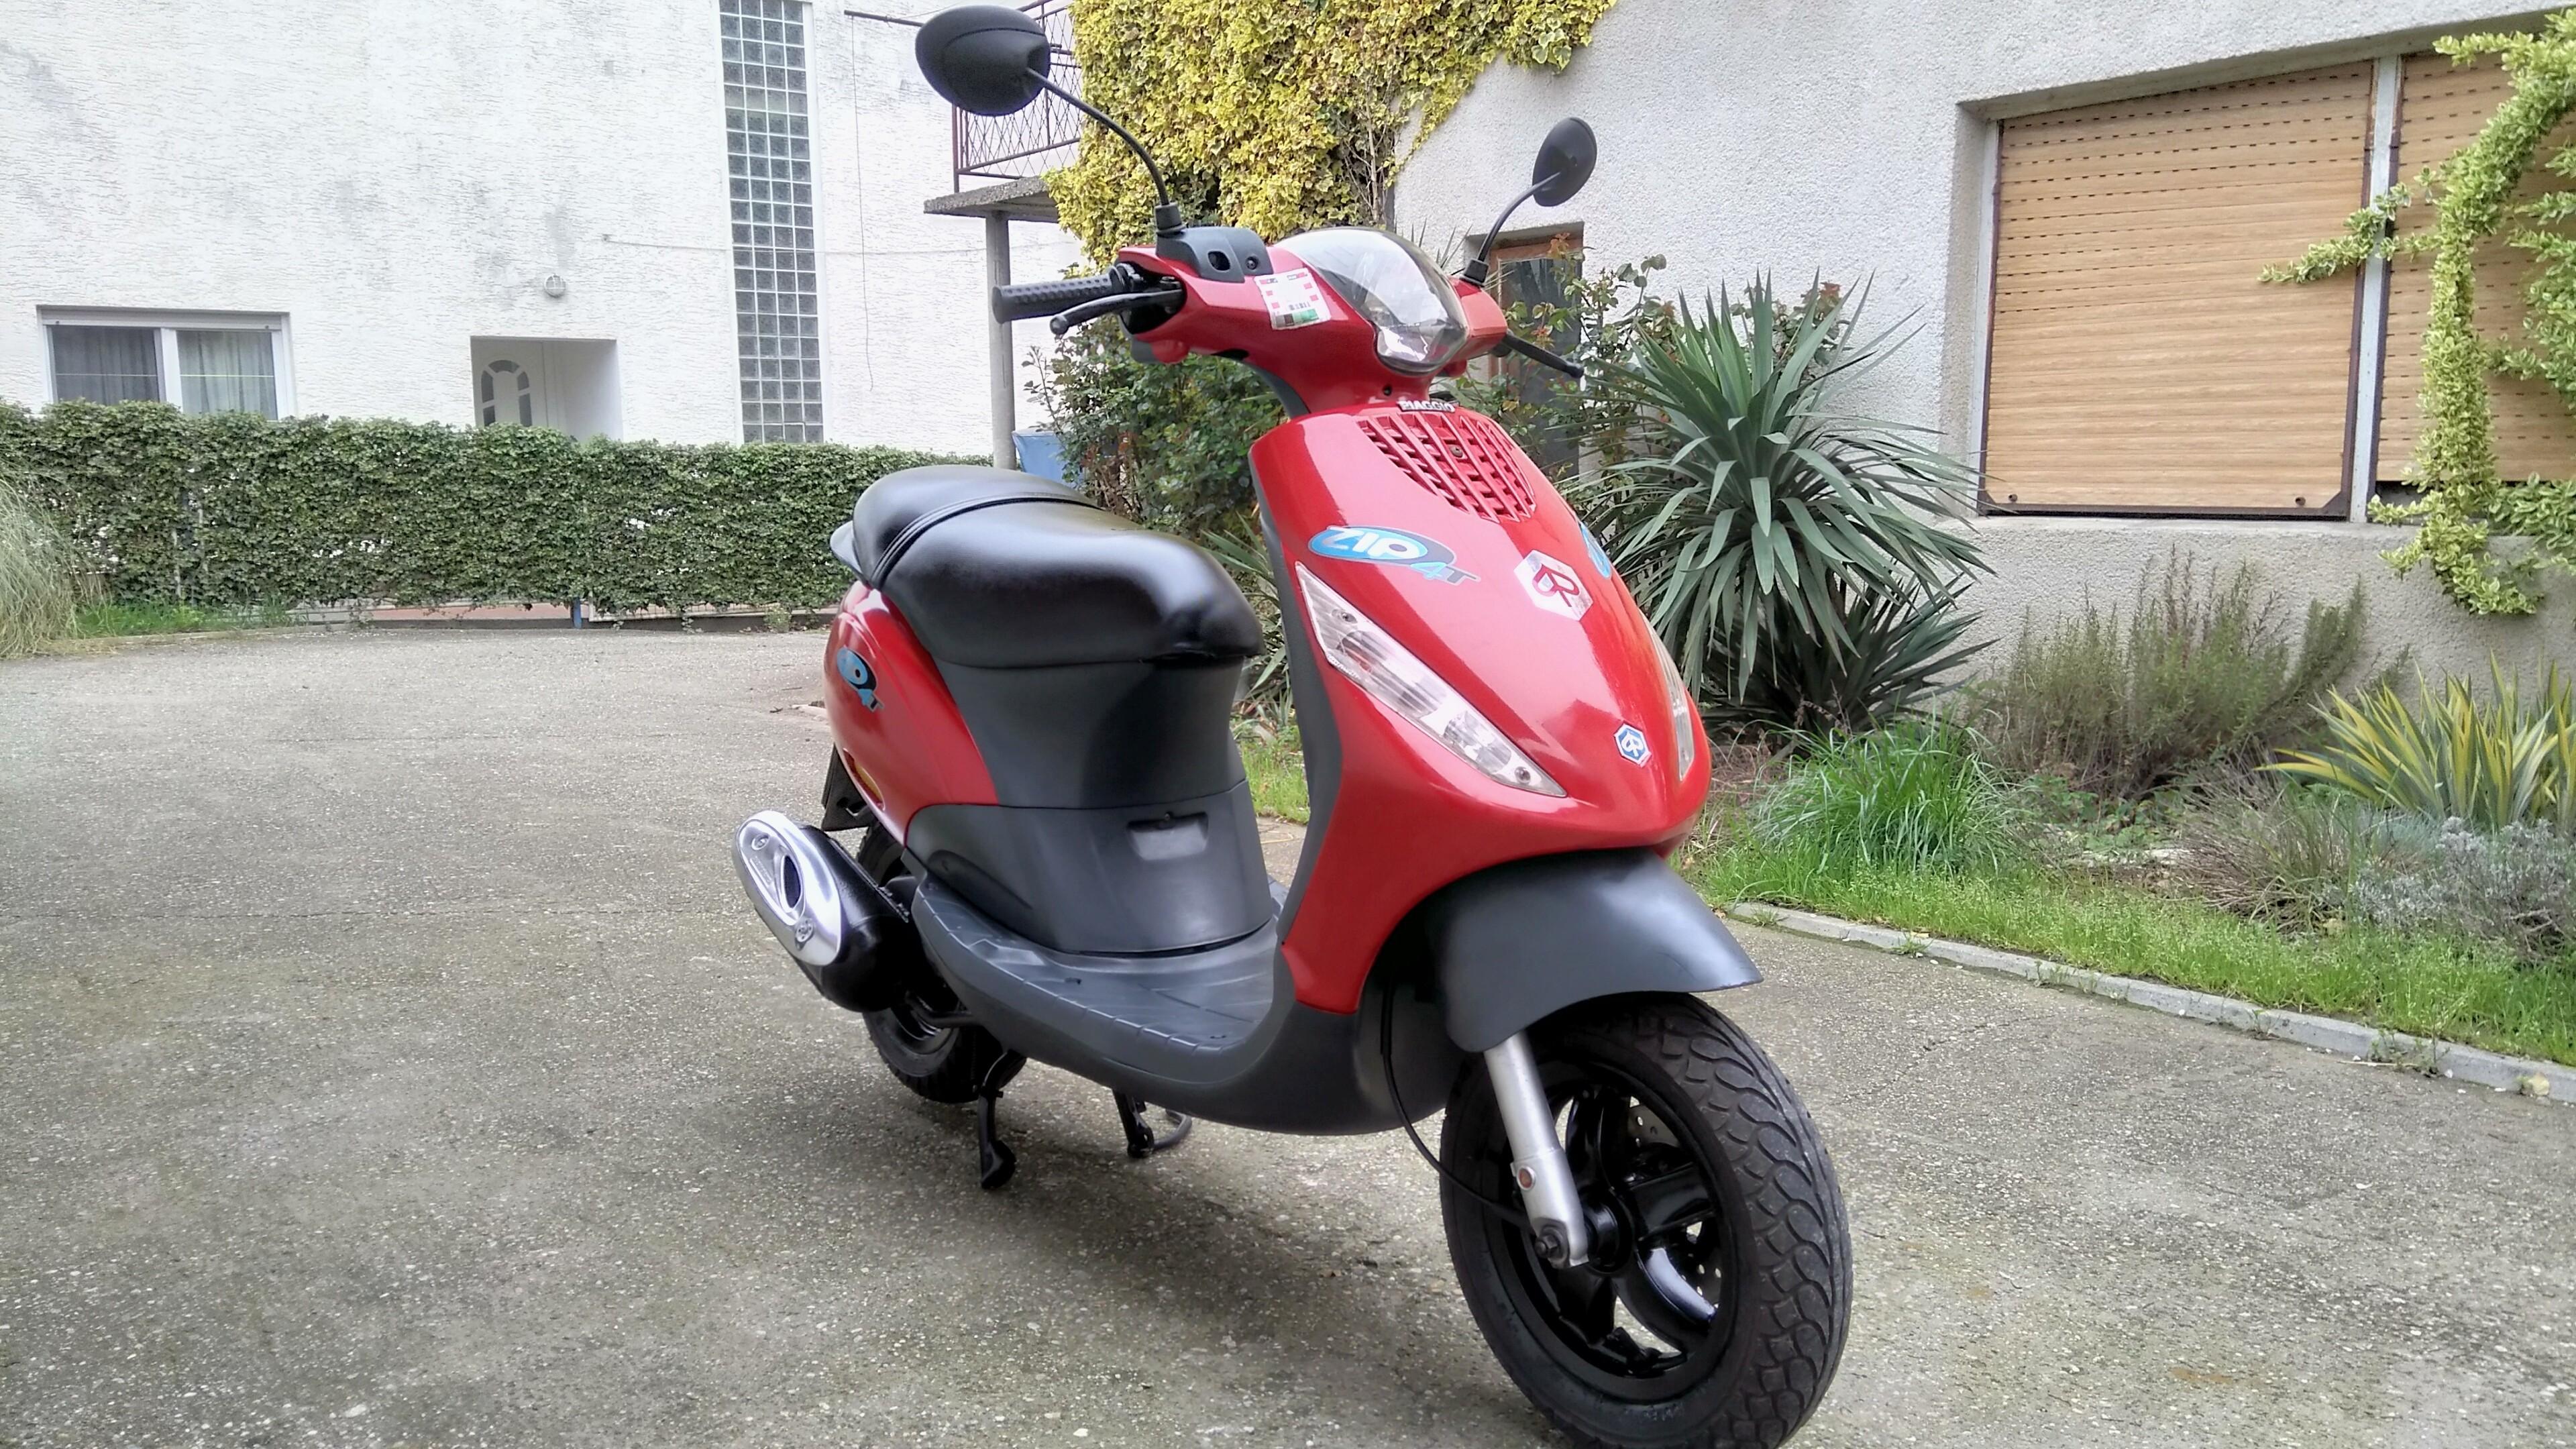 Piaggio Zipp 50-4T, mod. '09., reg. 4/20. g., novi